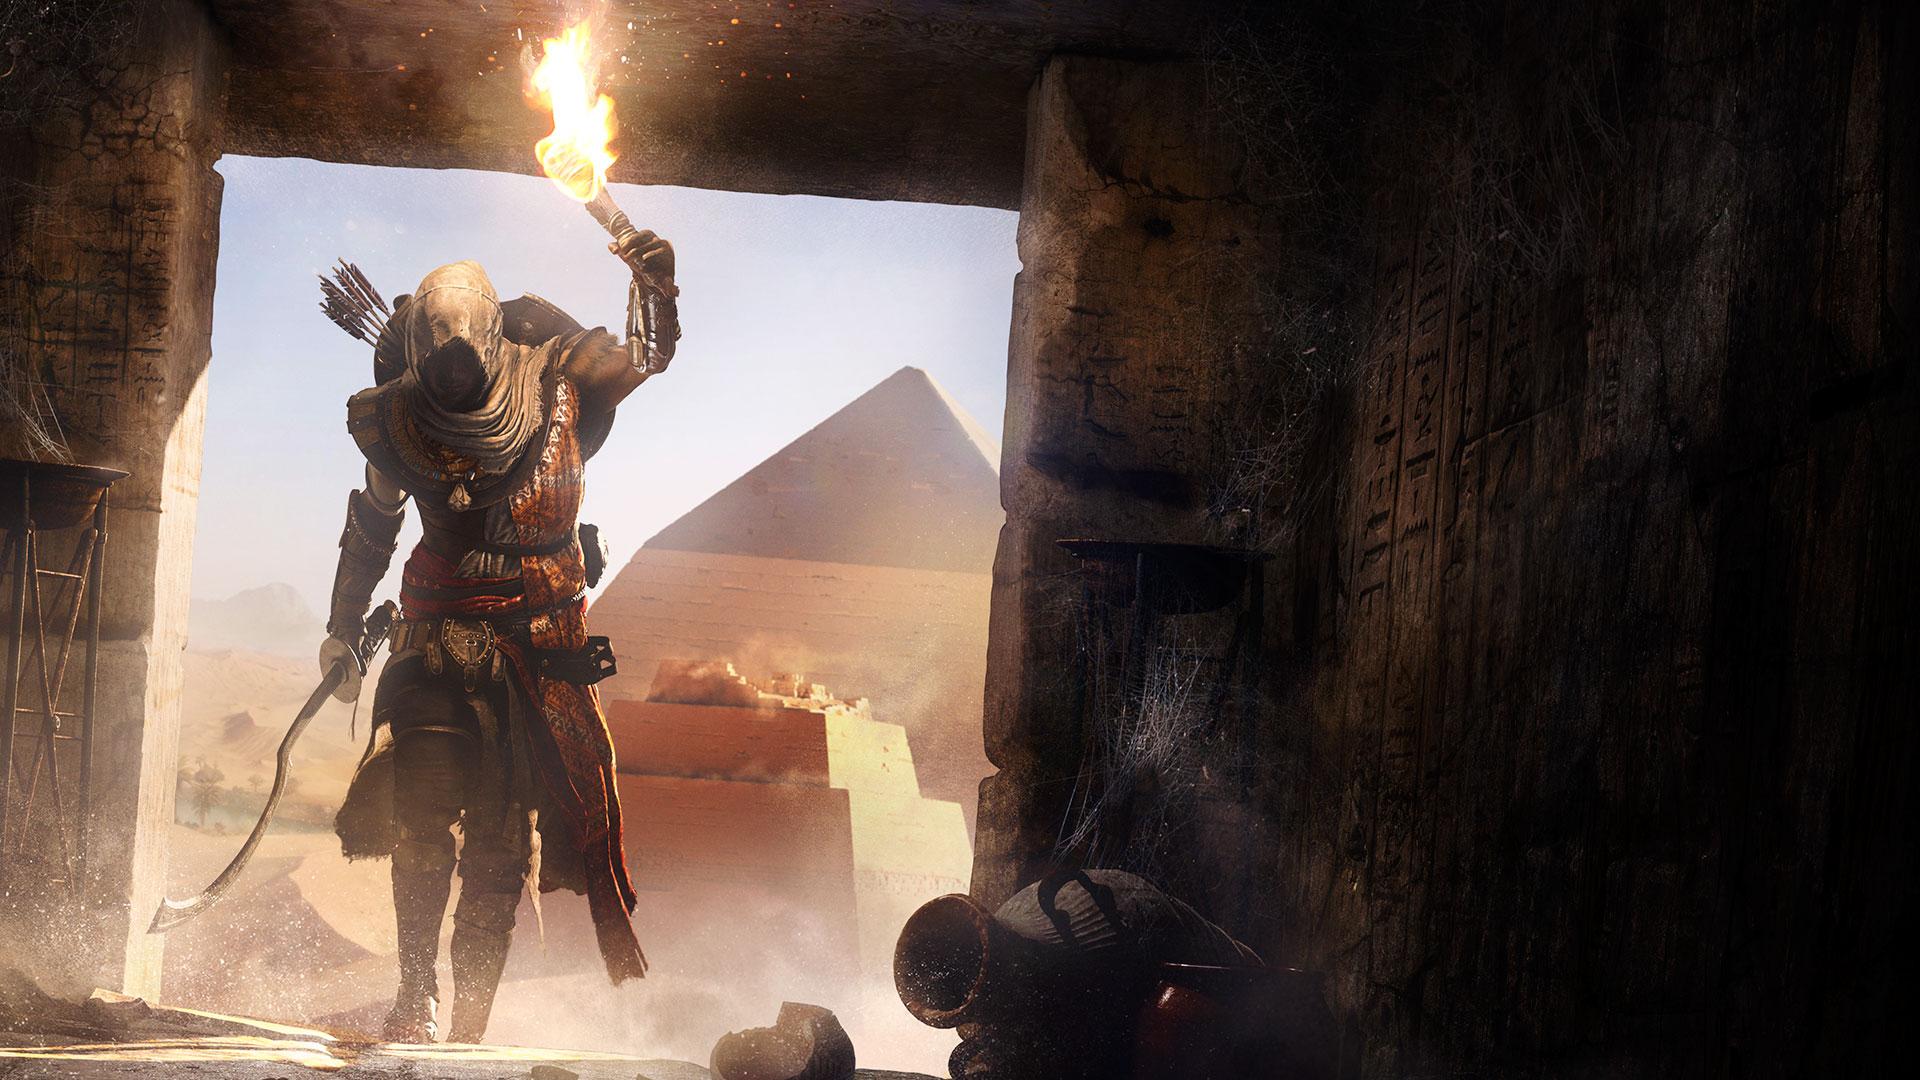 Игрок проник в секретную гробницу Final Fantasy XV в Assassin's Creed: Origins, используя читы